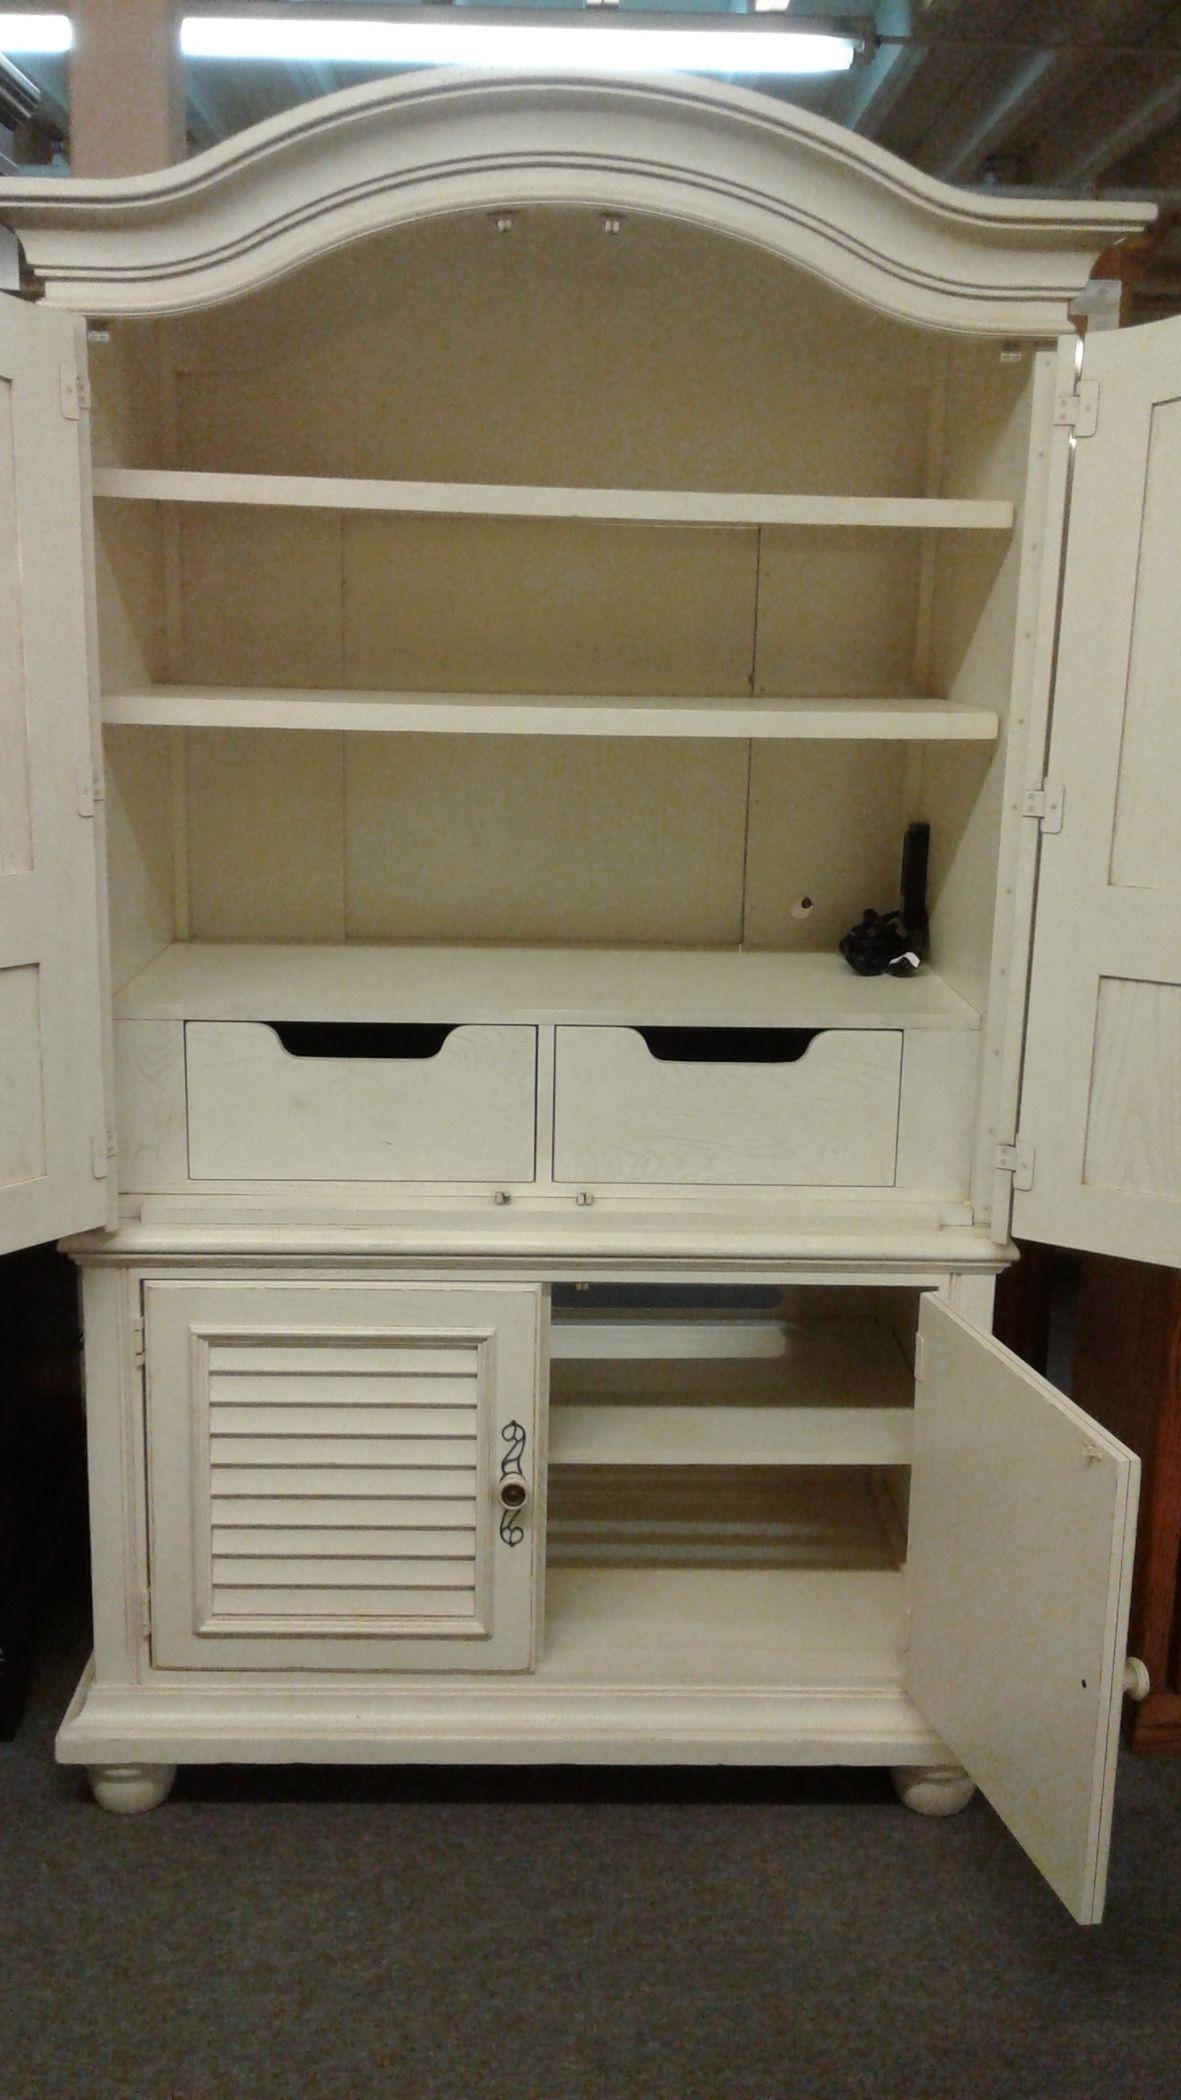 LEXINGTON WHITE ARMOIRE | Delmarva Furniture Consignment